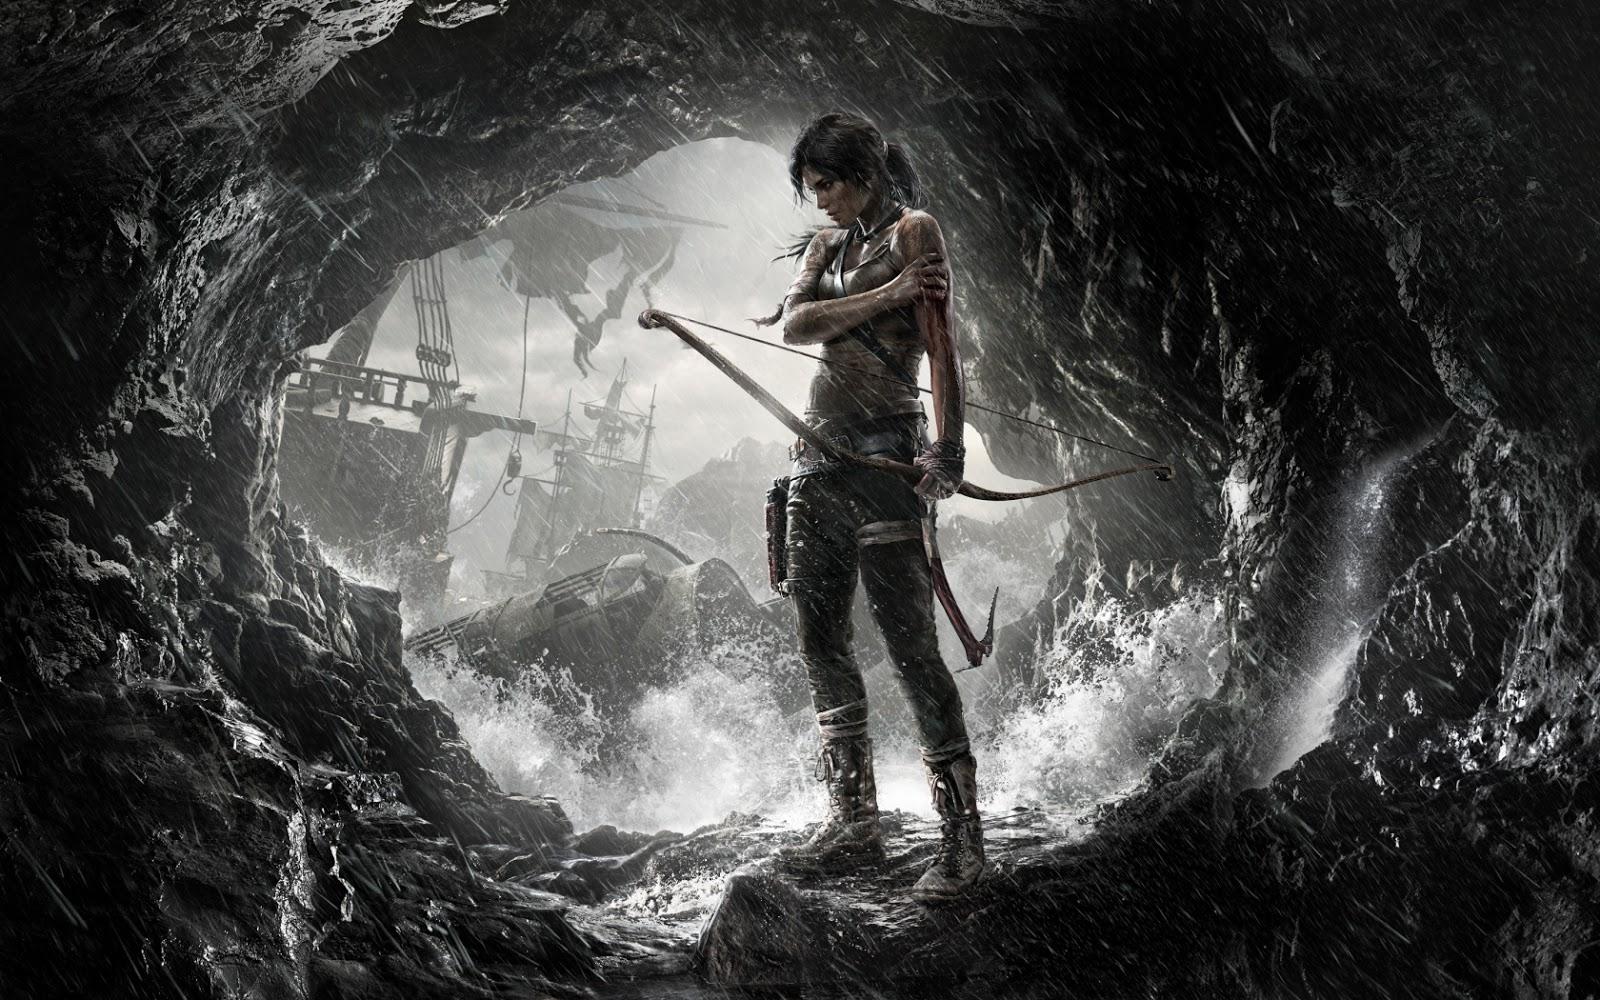 http://2.bp.blogspot.com/-svvX3HHH8r4/UQN2mVTm-JI/AAAAAAAAIwc/jA78OsMHCx0/s1600/Tomb+Raider+Game+HD+Wallpaper-1680x1050-www.slwallpapers.com.jpg